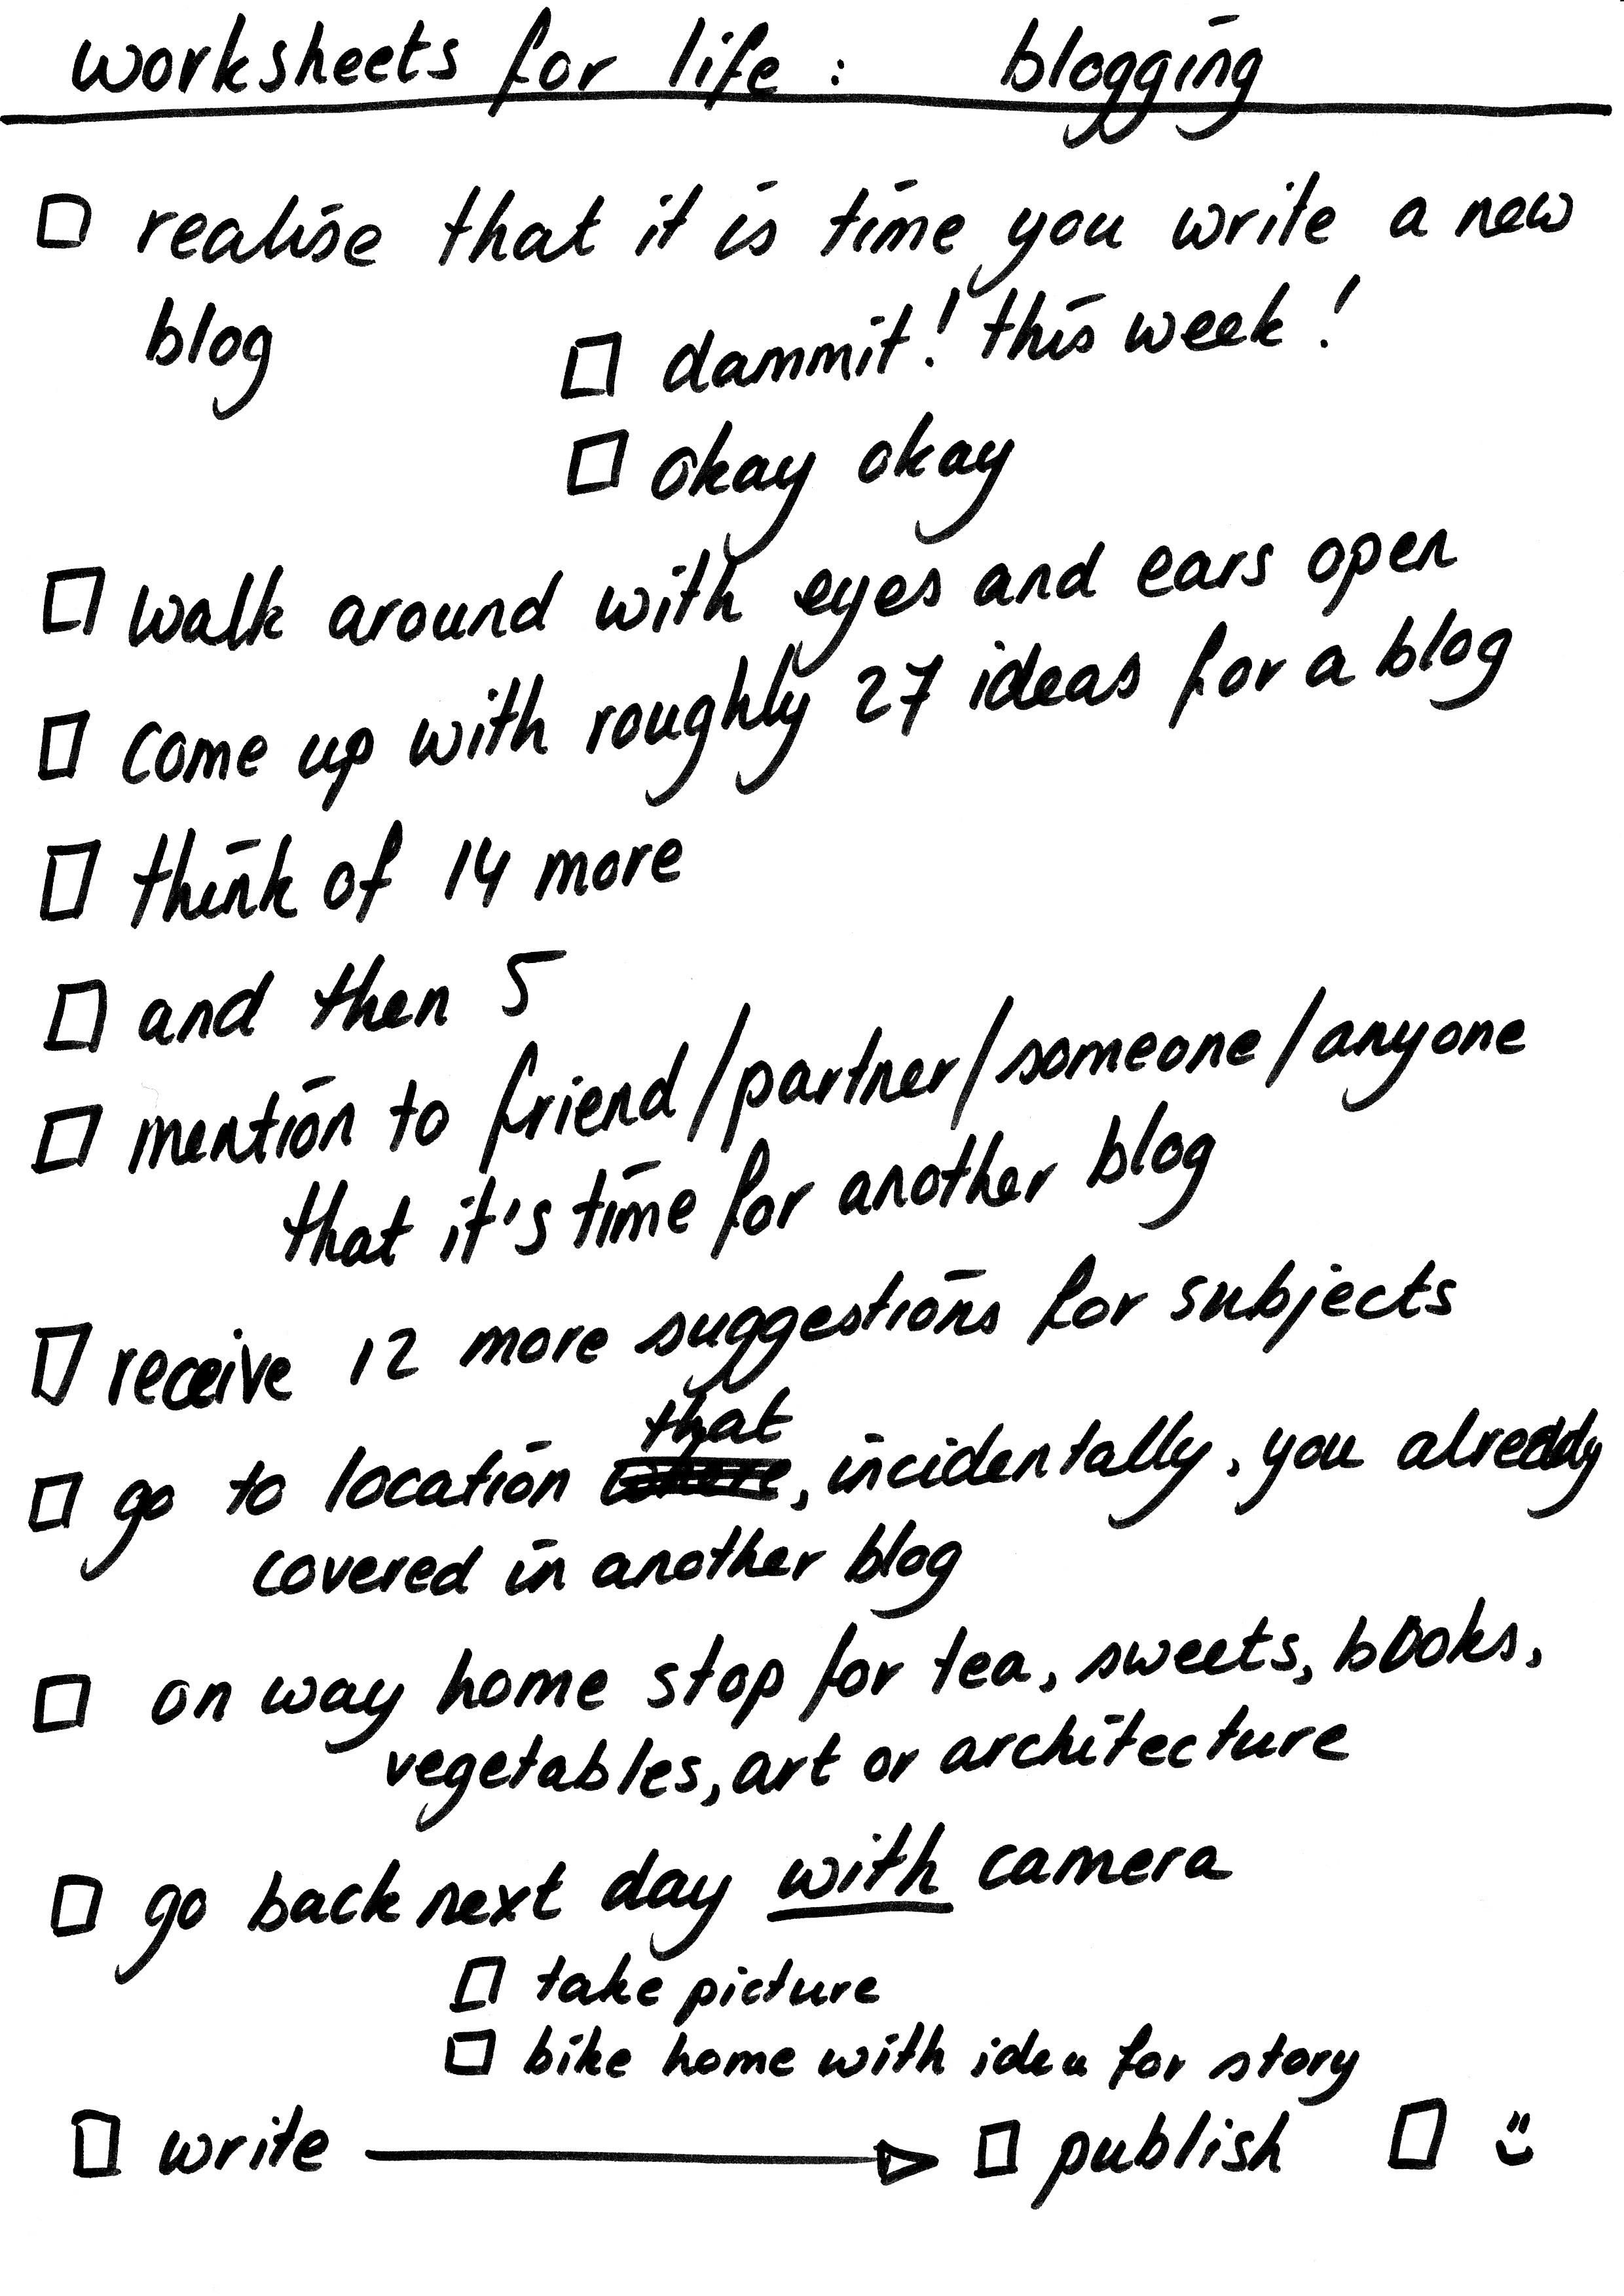 Worksheet For Life 17 Blogging